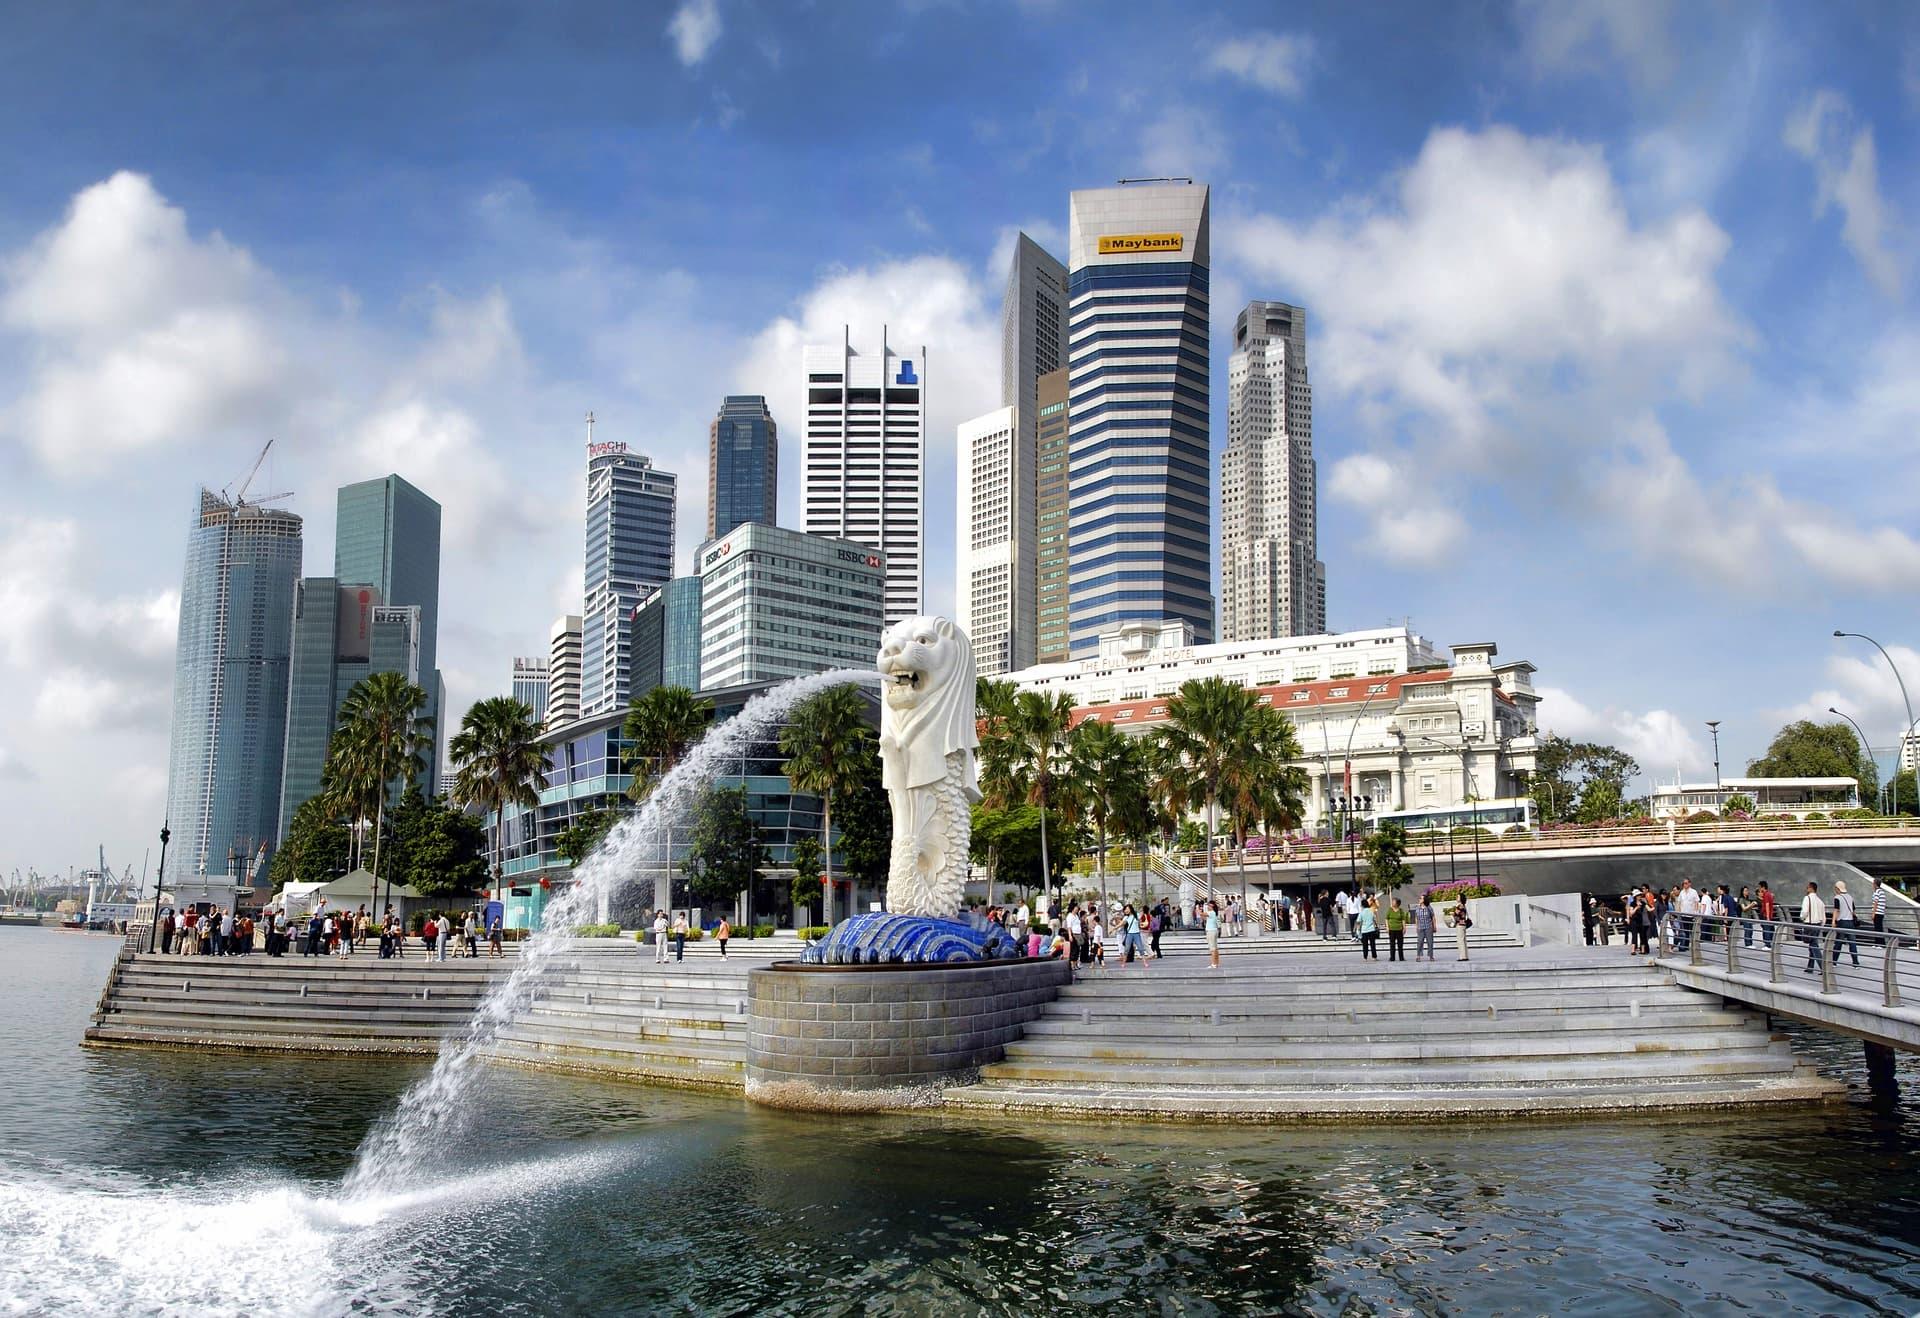 Locul 2 cele mai bogate țări, Singapore